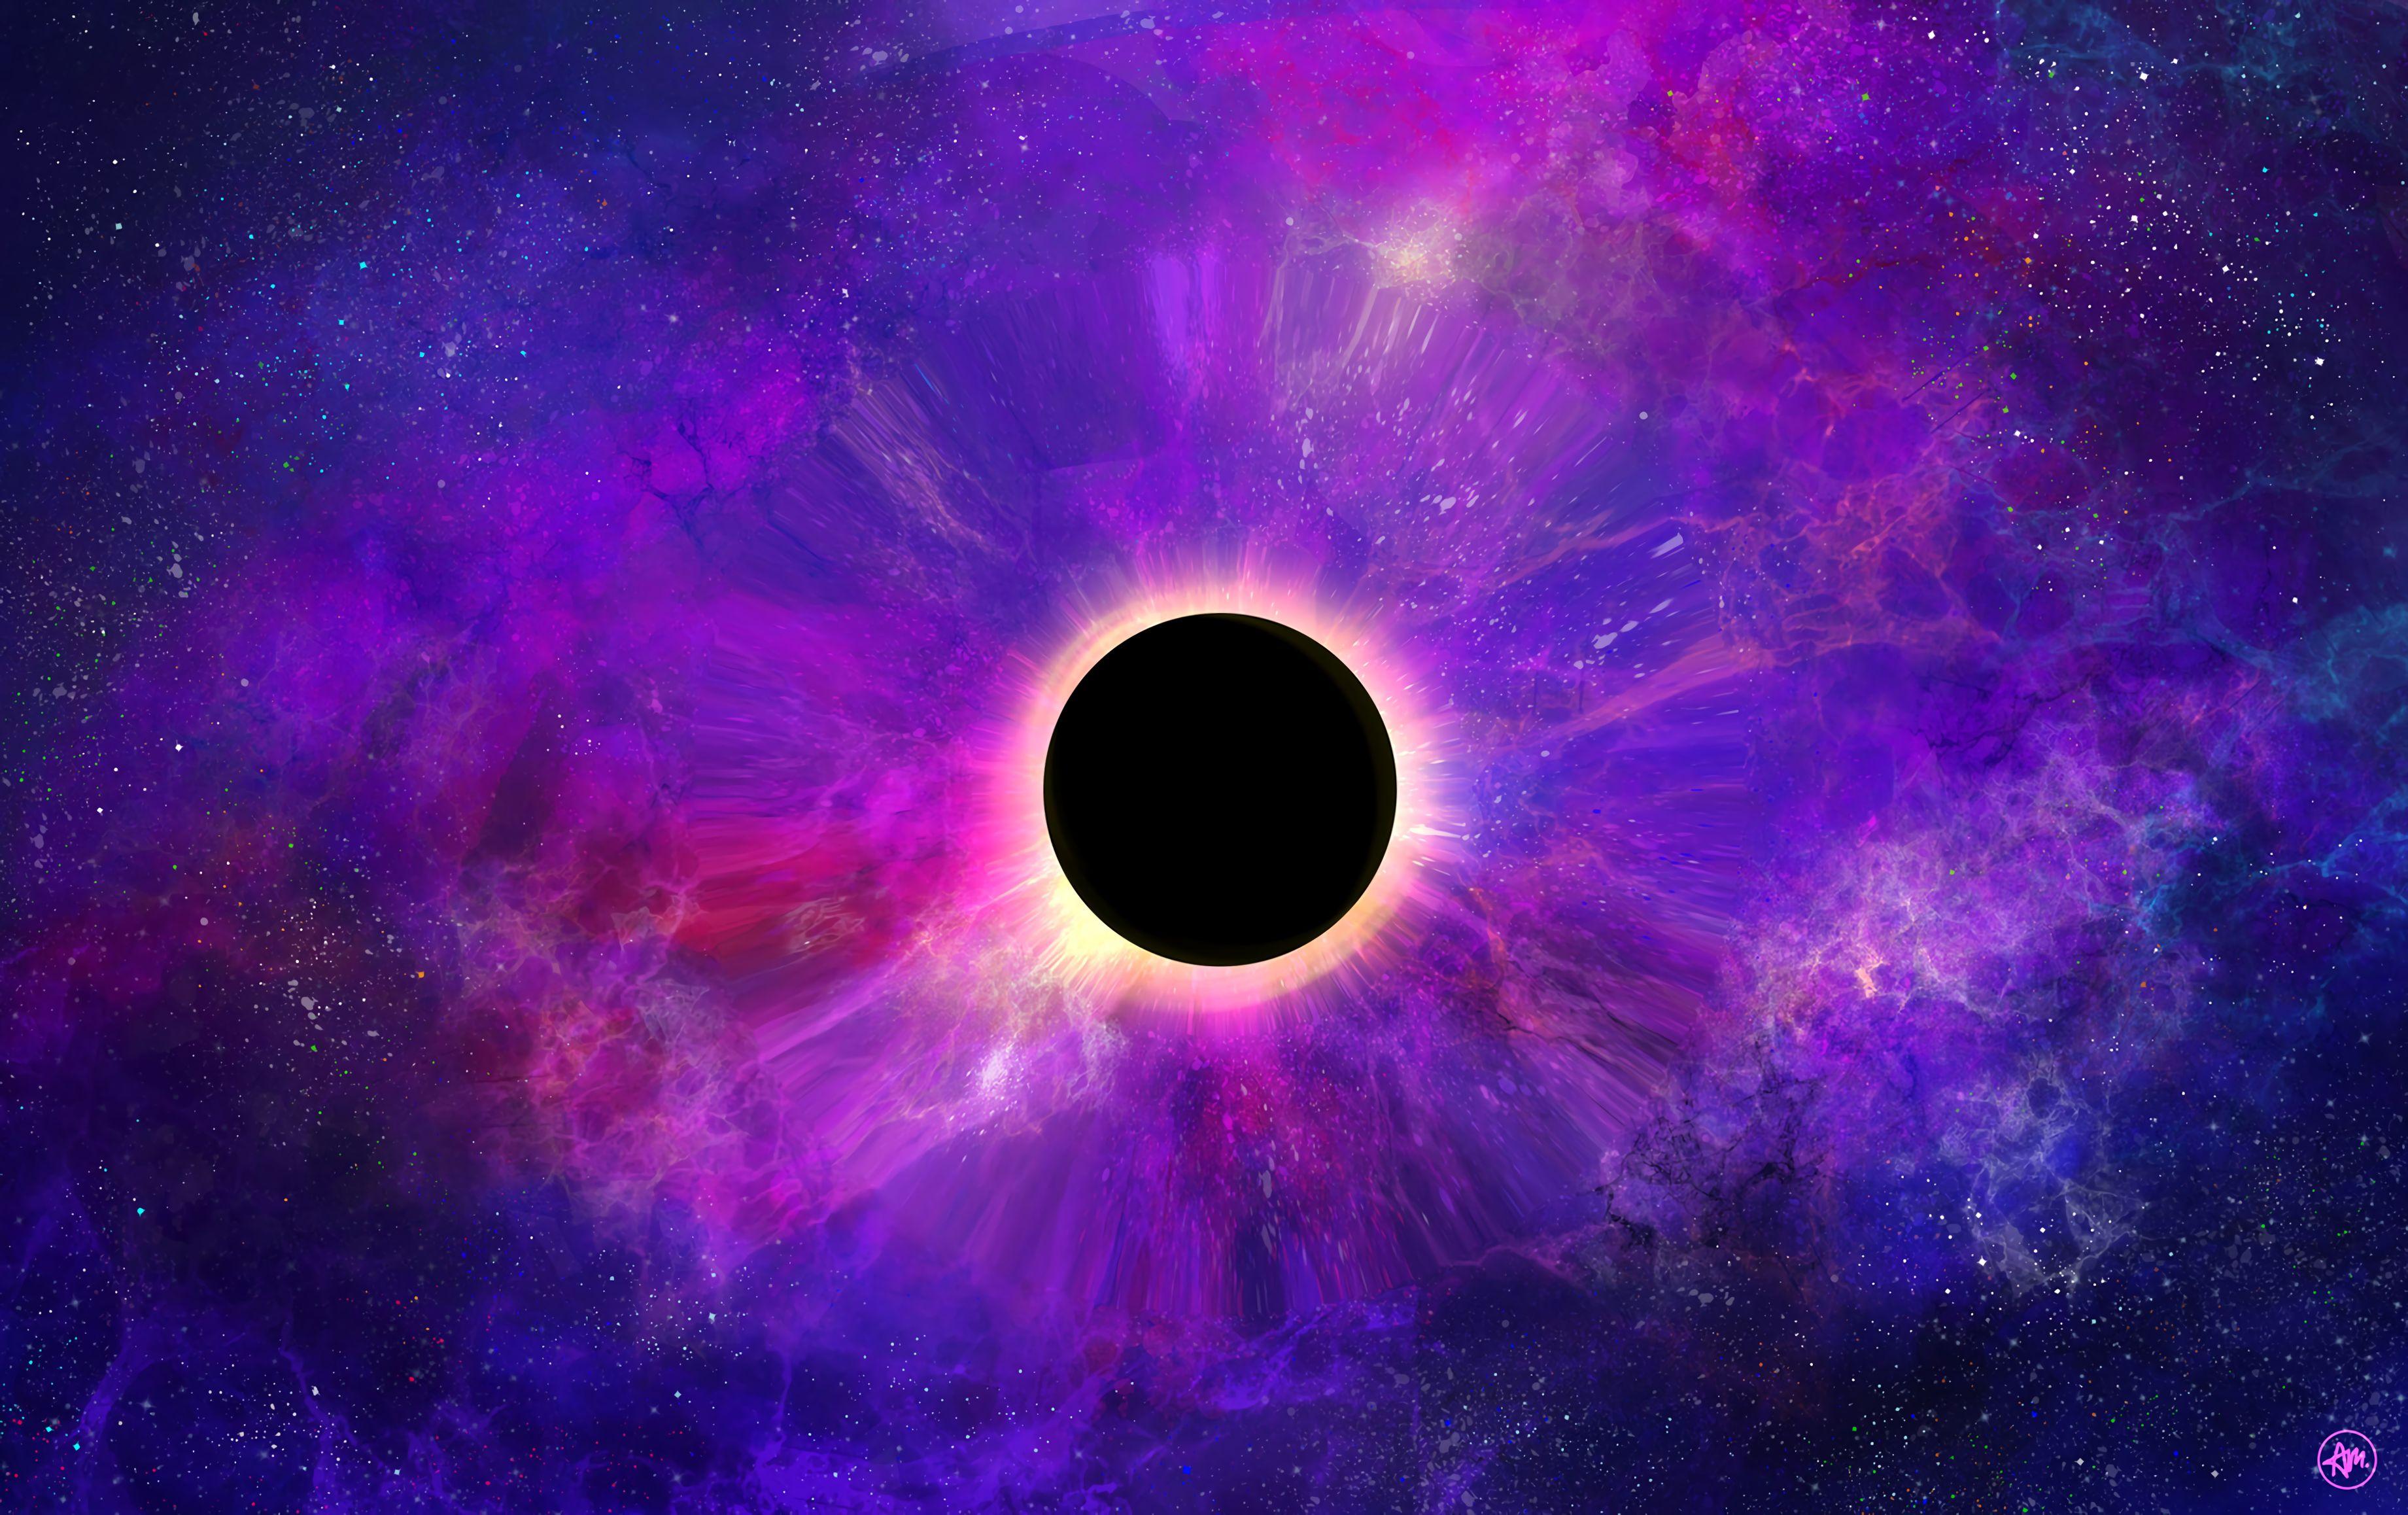 152560 papel de parede 320x480 em seu telefone gratuitamente, baixe imagens Escuro, Arte, Universo, Bola, Espaço, Planeta, Cósmico 320x480 em seu celular